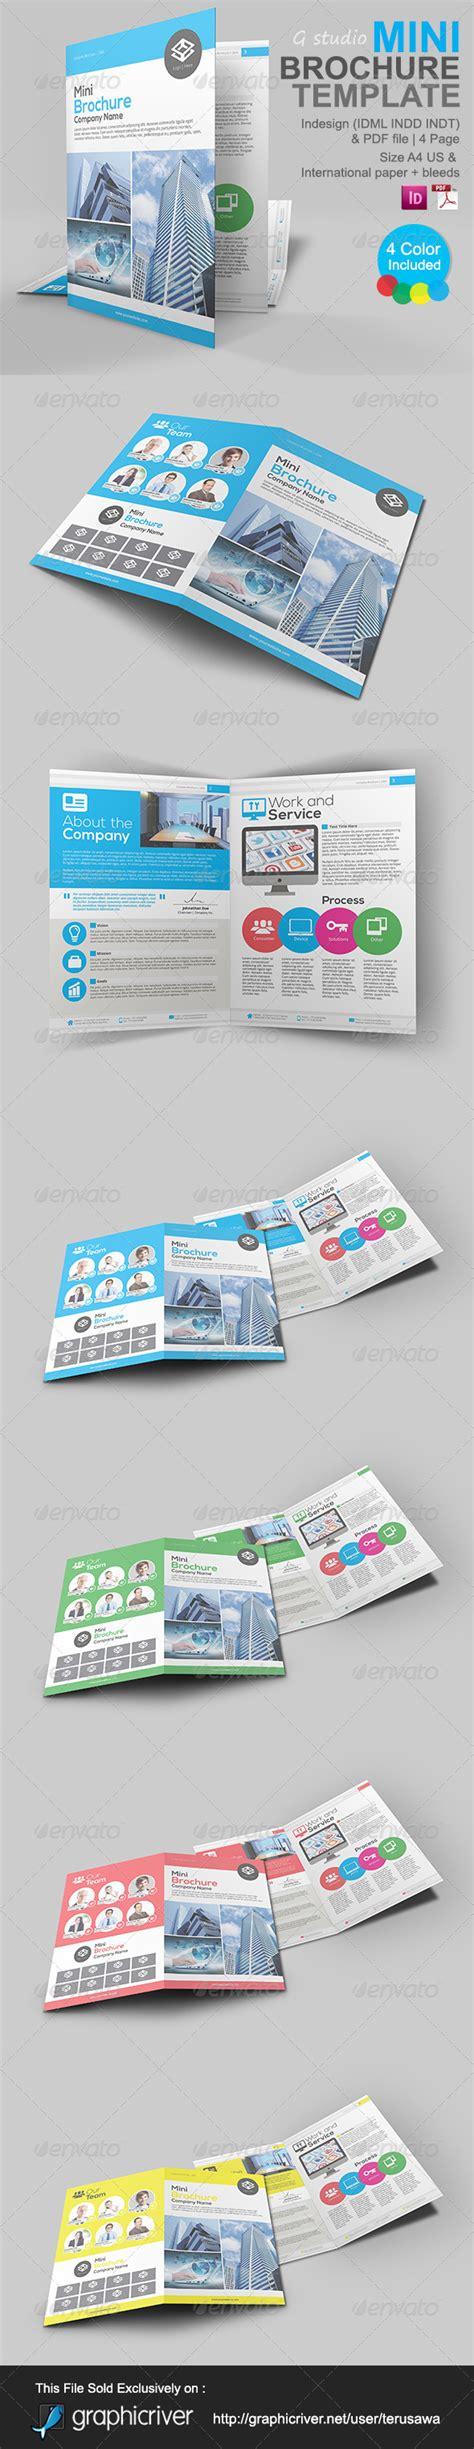 gstudio mini brochure template by terusawa graphicriver